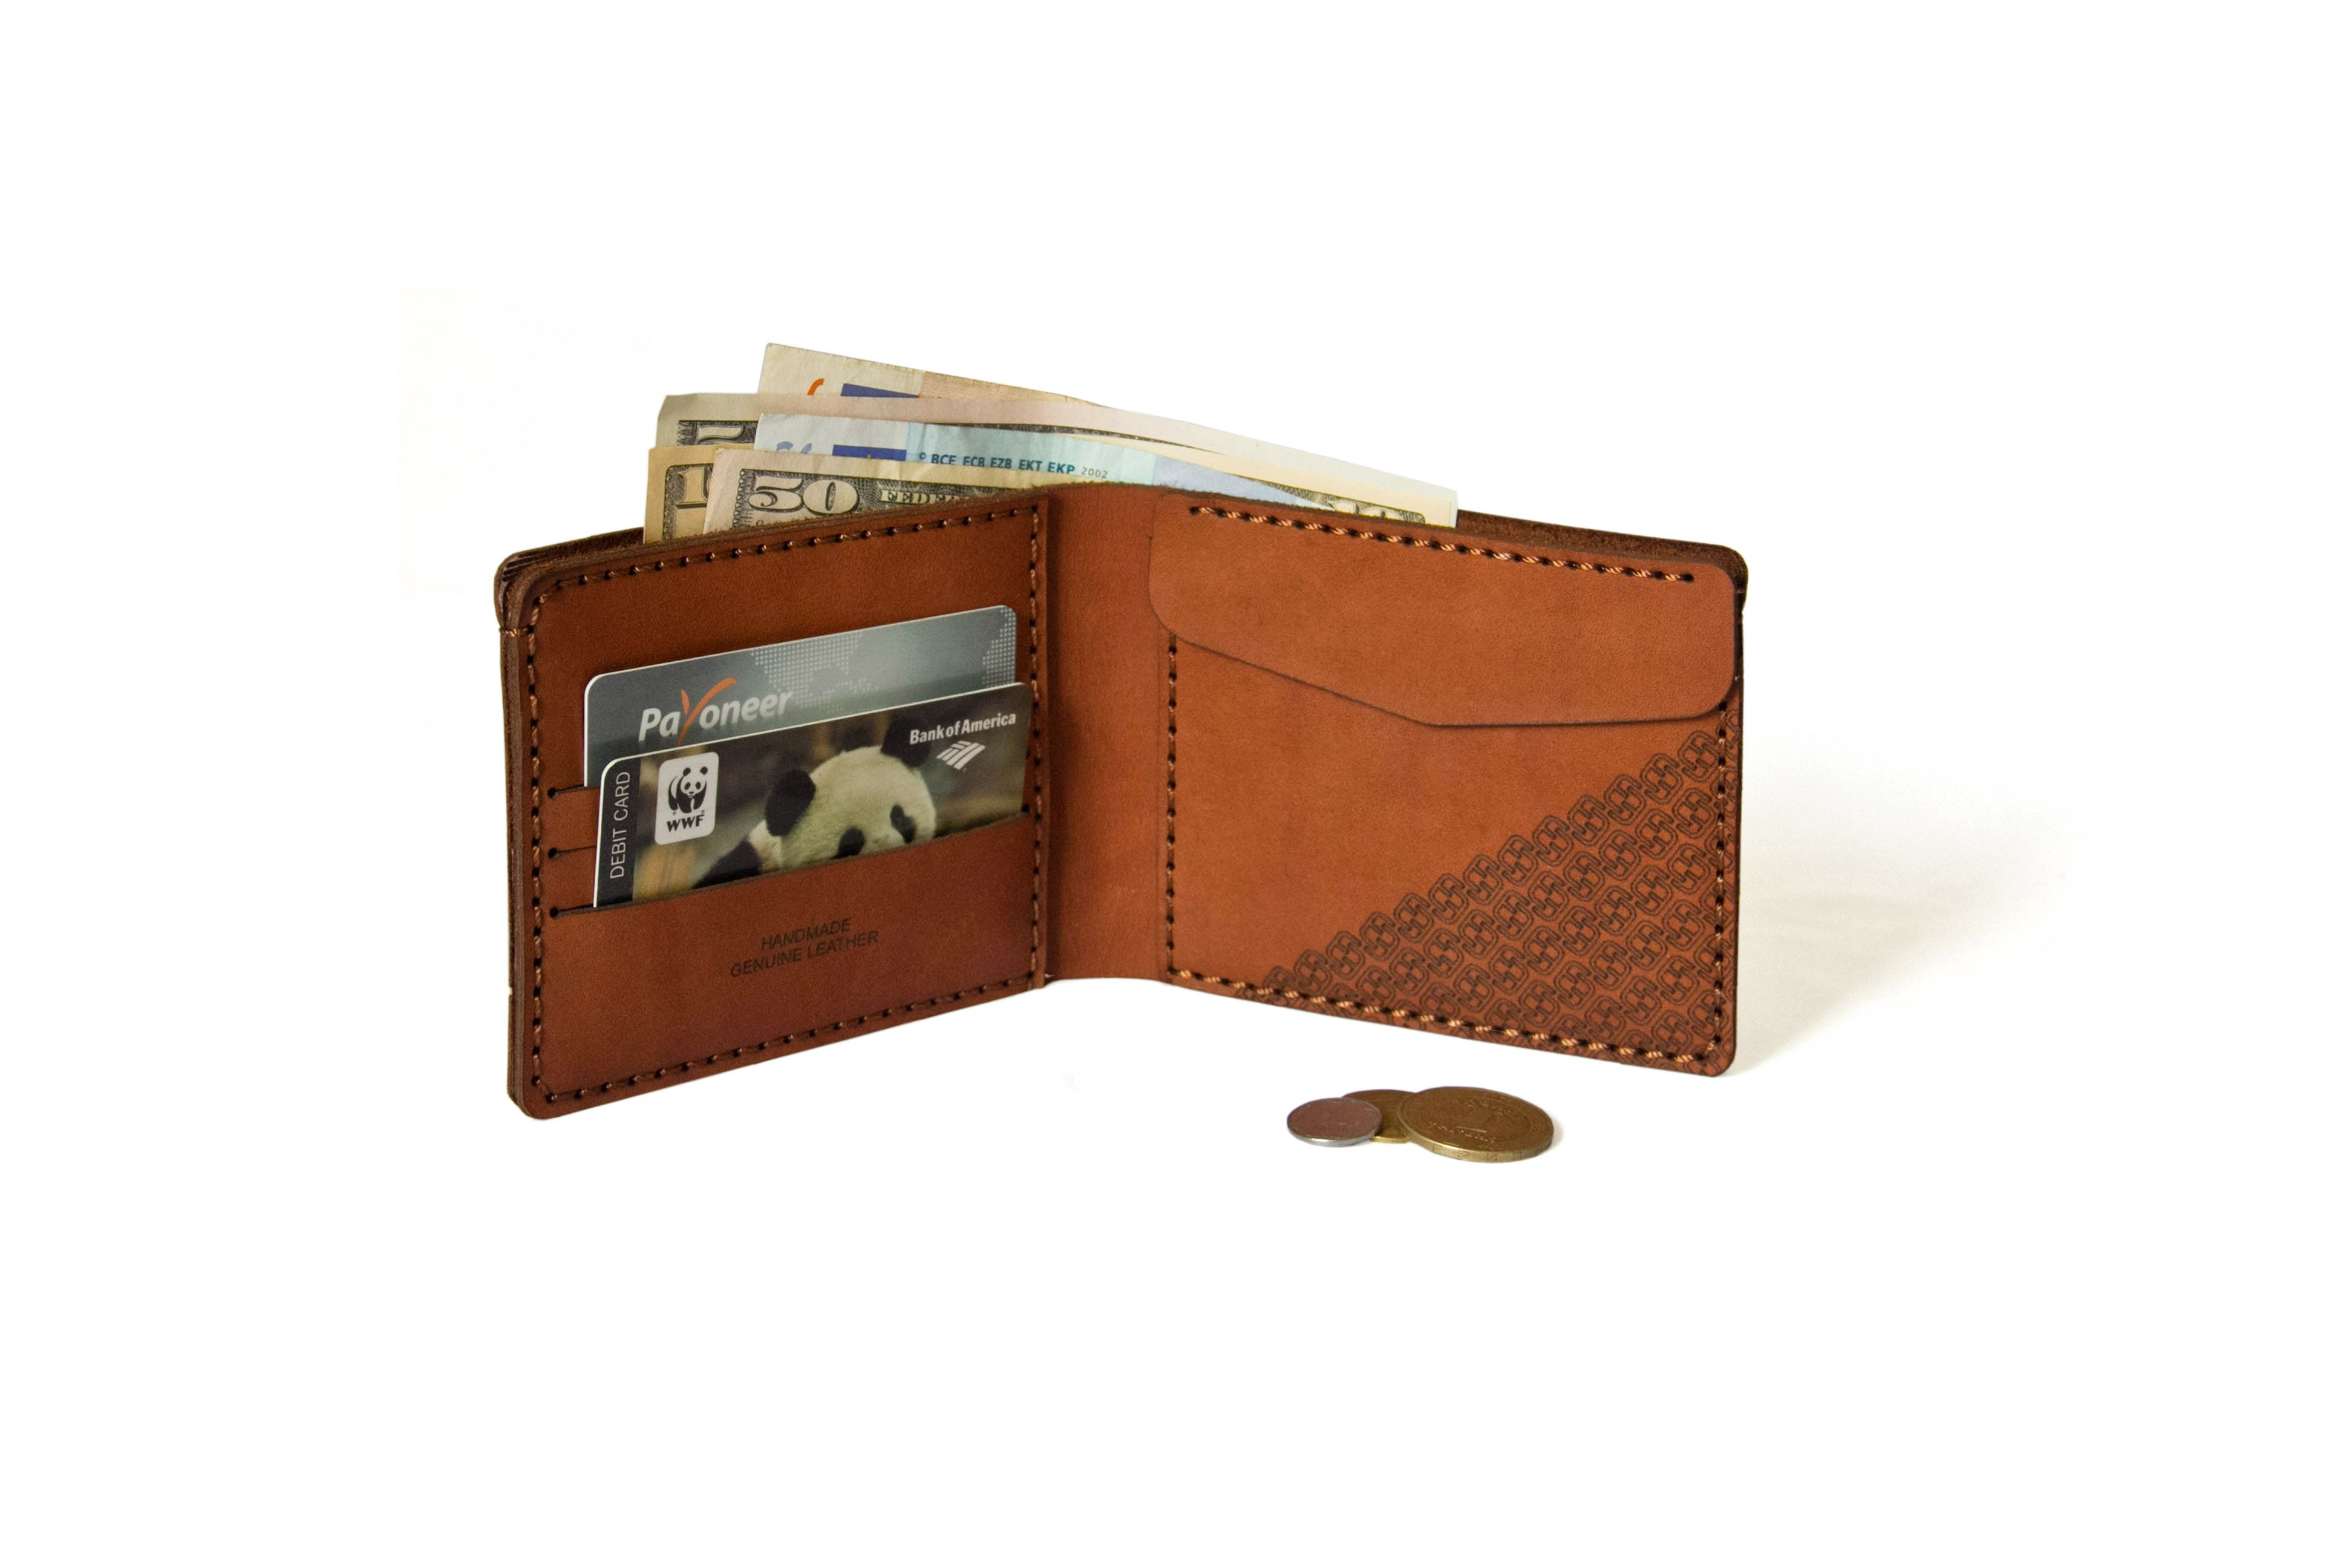 Štýlová, funkčná peňaženka, ktorá sa hodí do každého vrecka. Vyrobenáz vysoko kvalitnej kože, ručne šitá s veľkým dôrazom na každý steh. Obsahujetri priečinkyna kreditné karty, jedno vrecko na mince a jednopozdĺžnevrecko na účtenky. Táto peňaženka vám bude slúžiť po mnoho rokov.